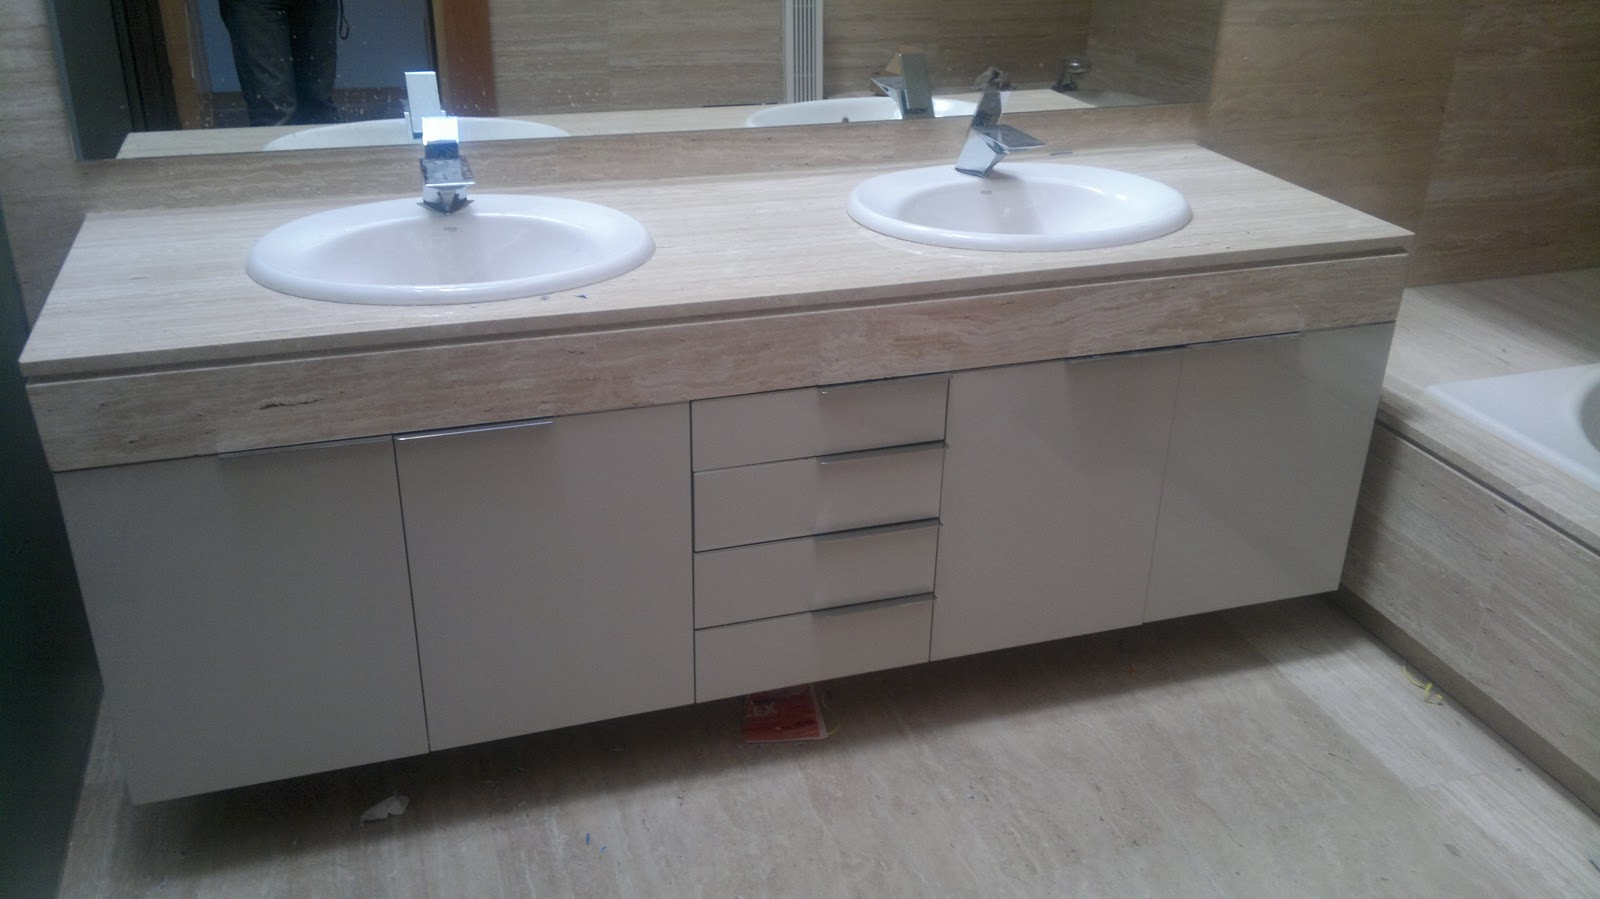 Muebles bao obra cambiar azulejos bao sin hacer obraen - Cambiar encimera cocina sin obras ...